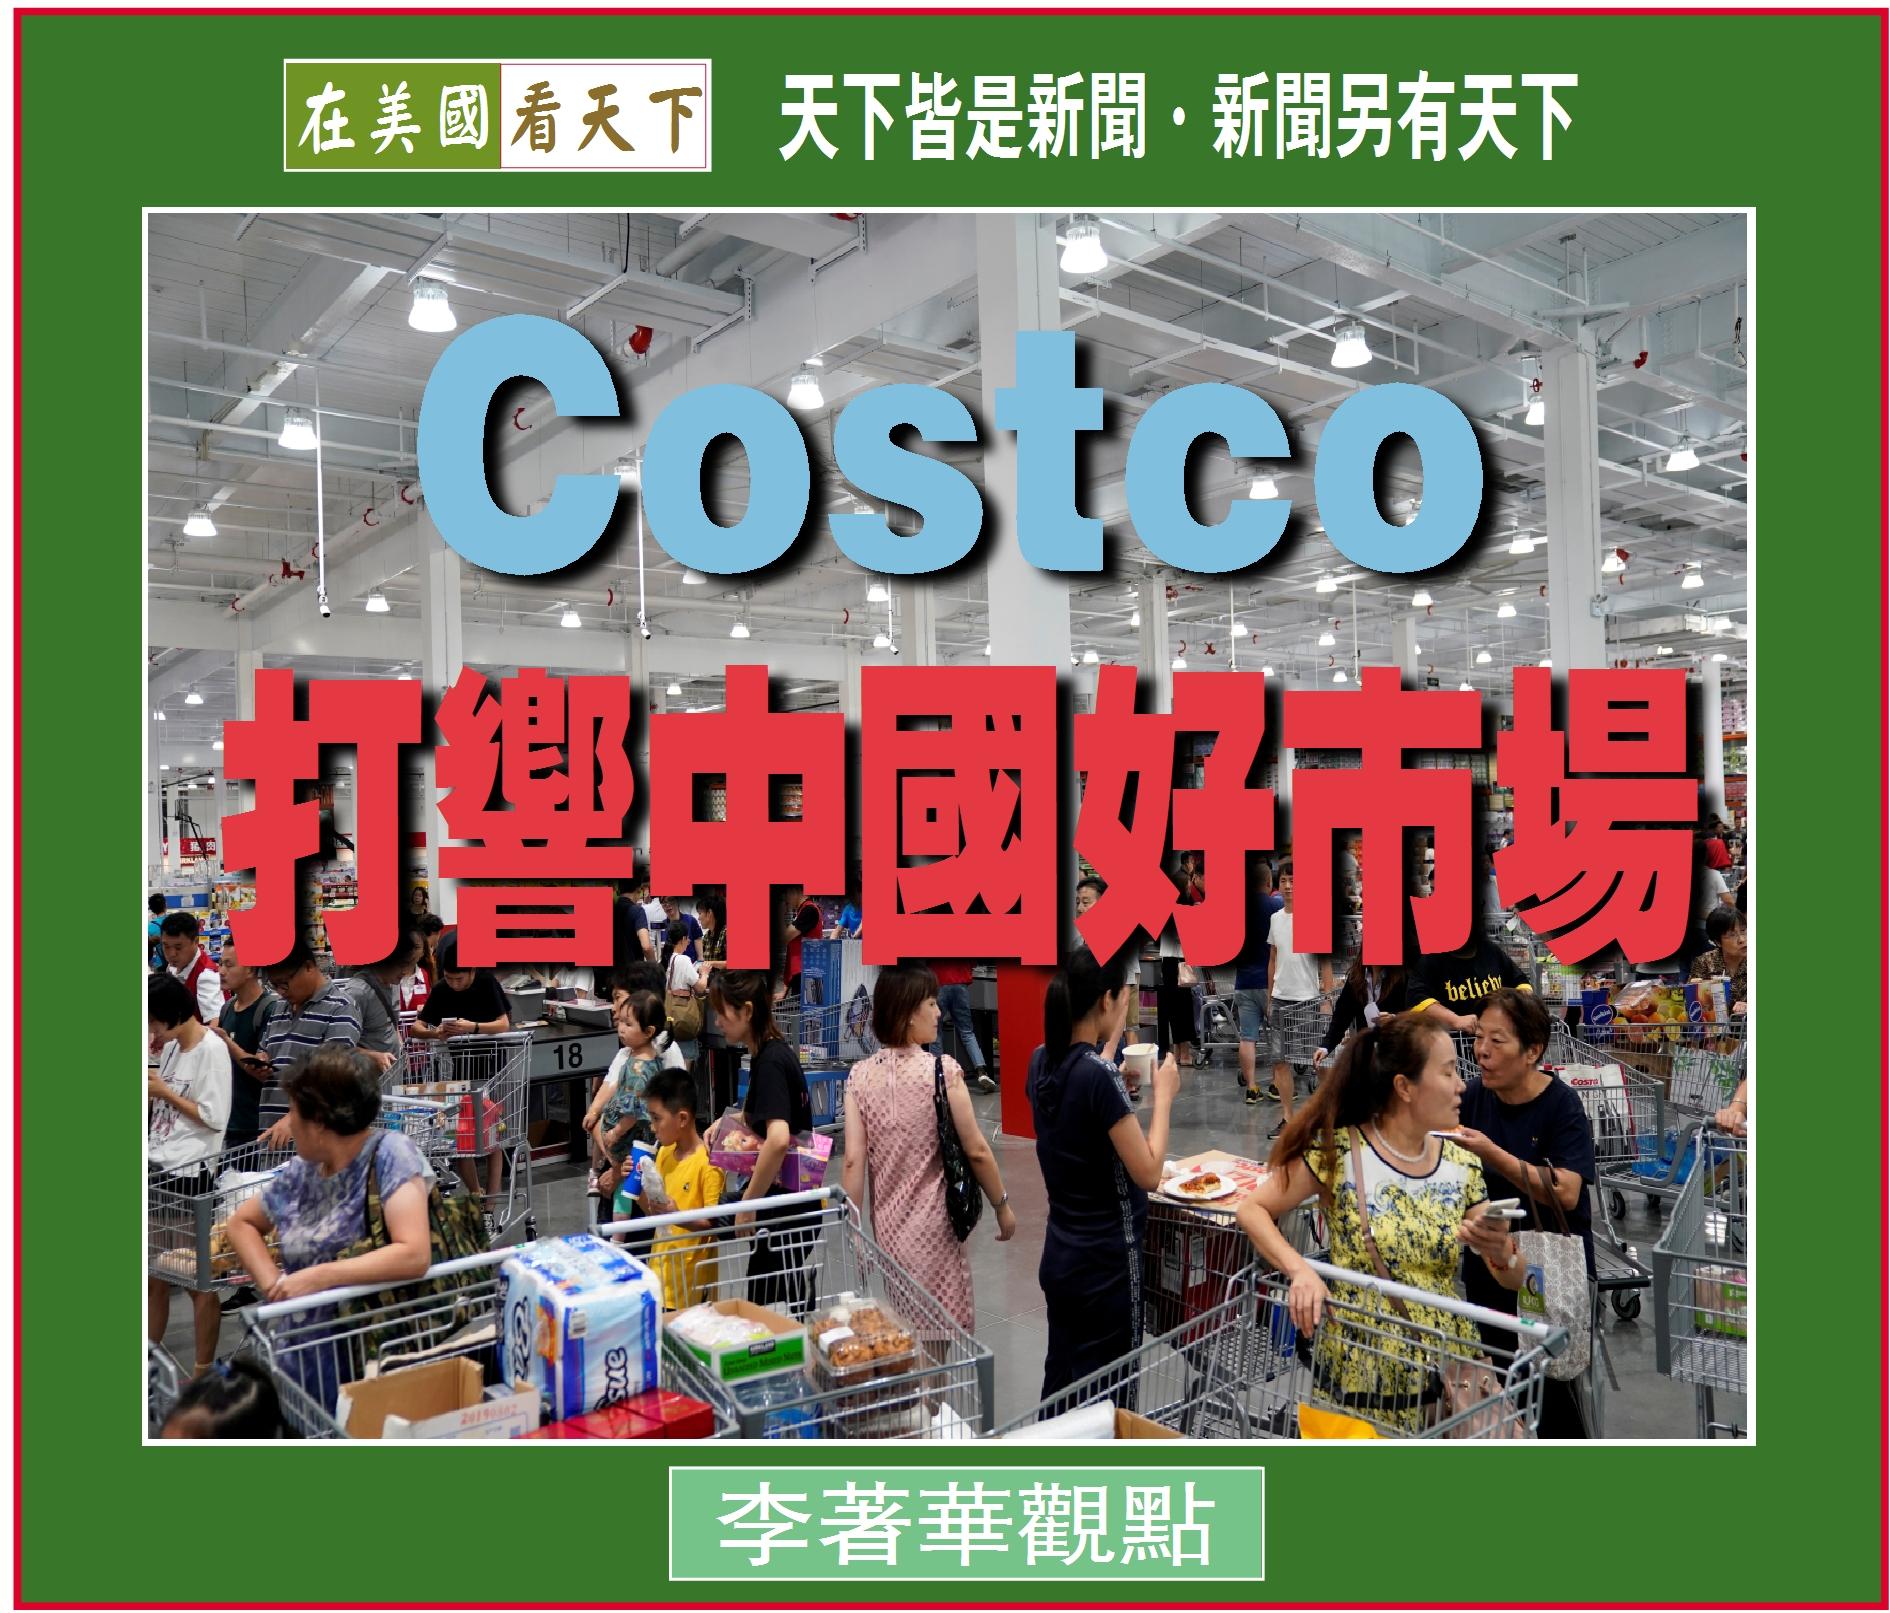 082819-Costco打響中國好市場-1.jpg